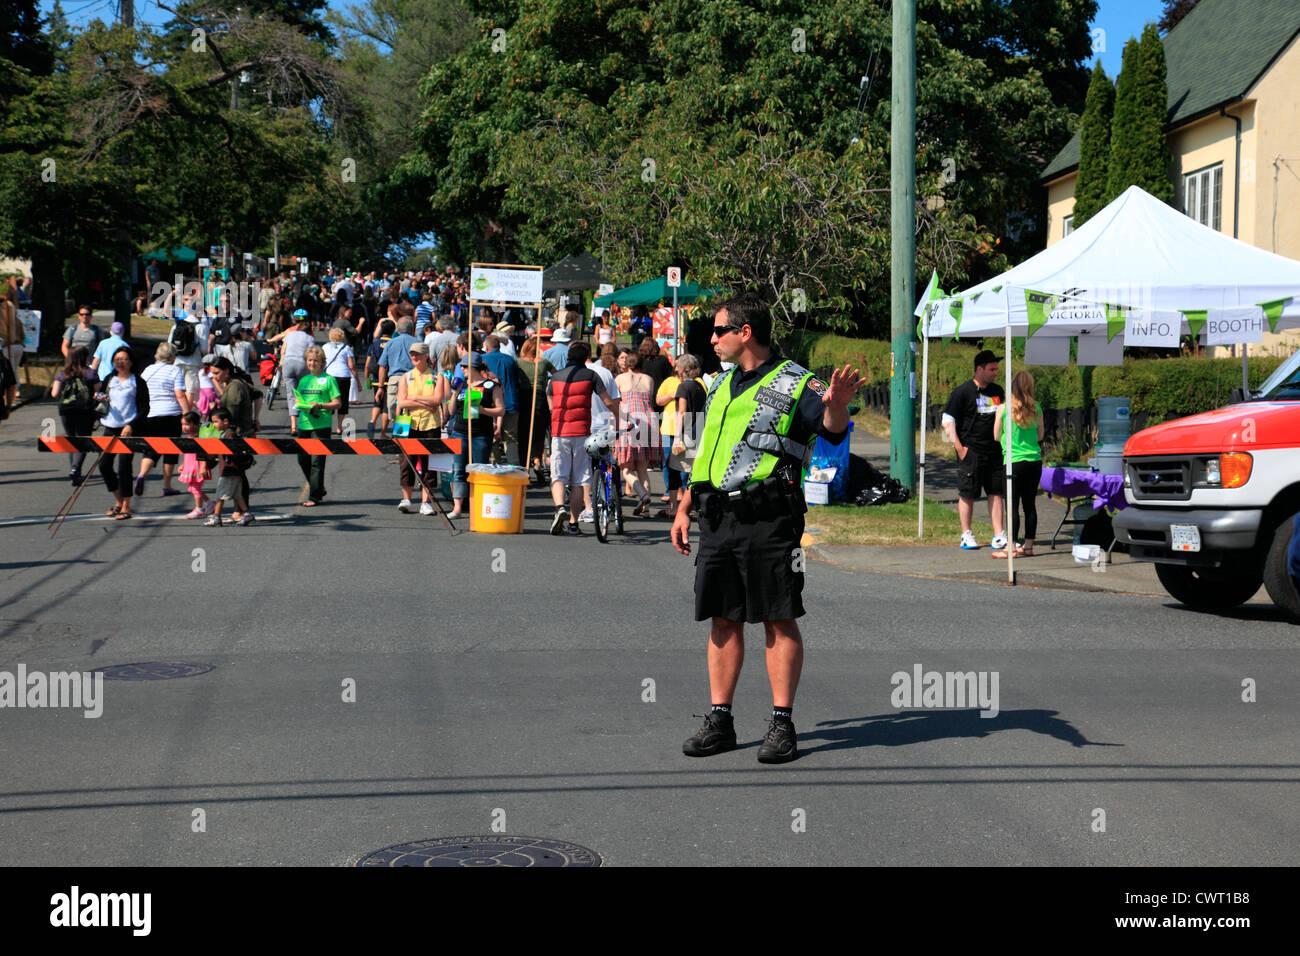 Polizist regelt den Verkehr Stockbild